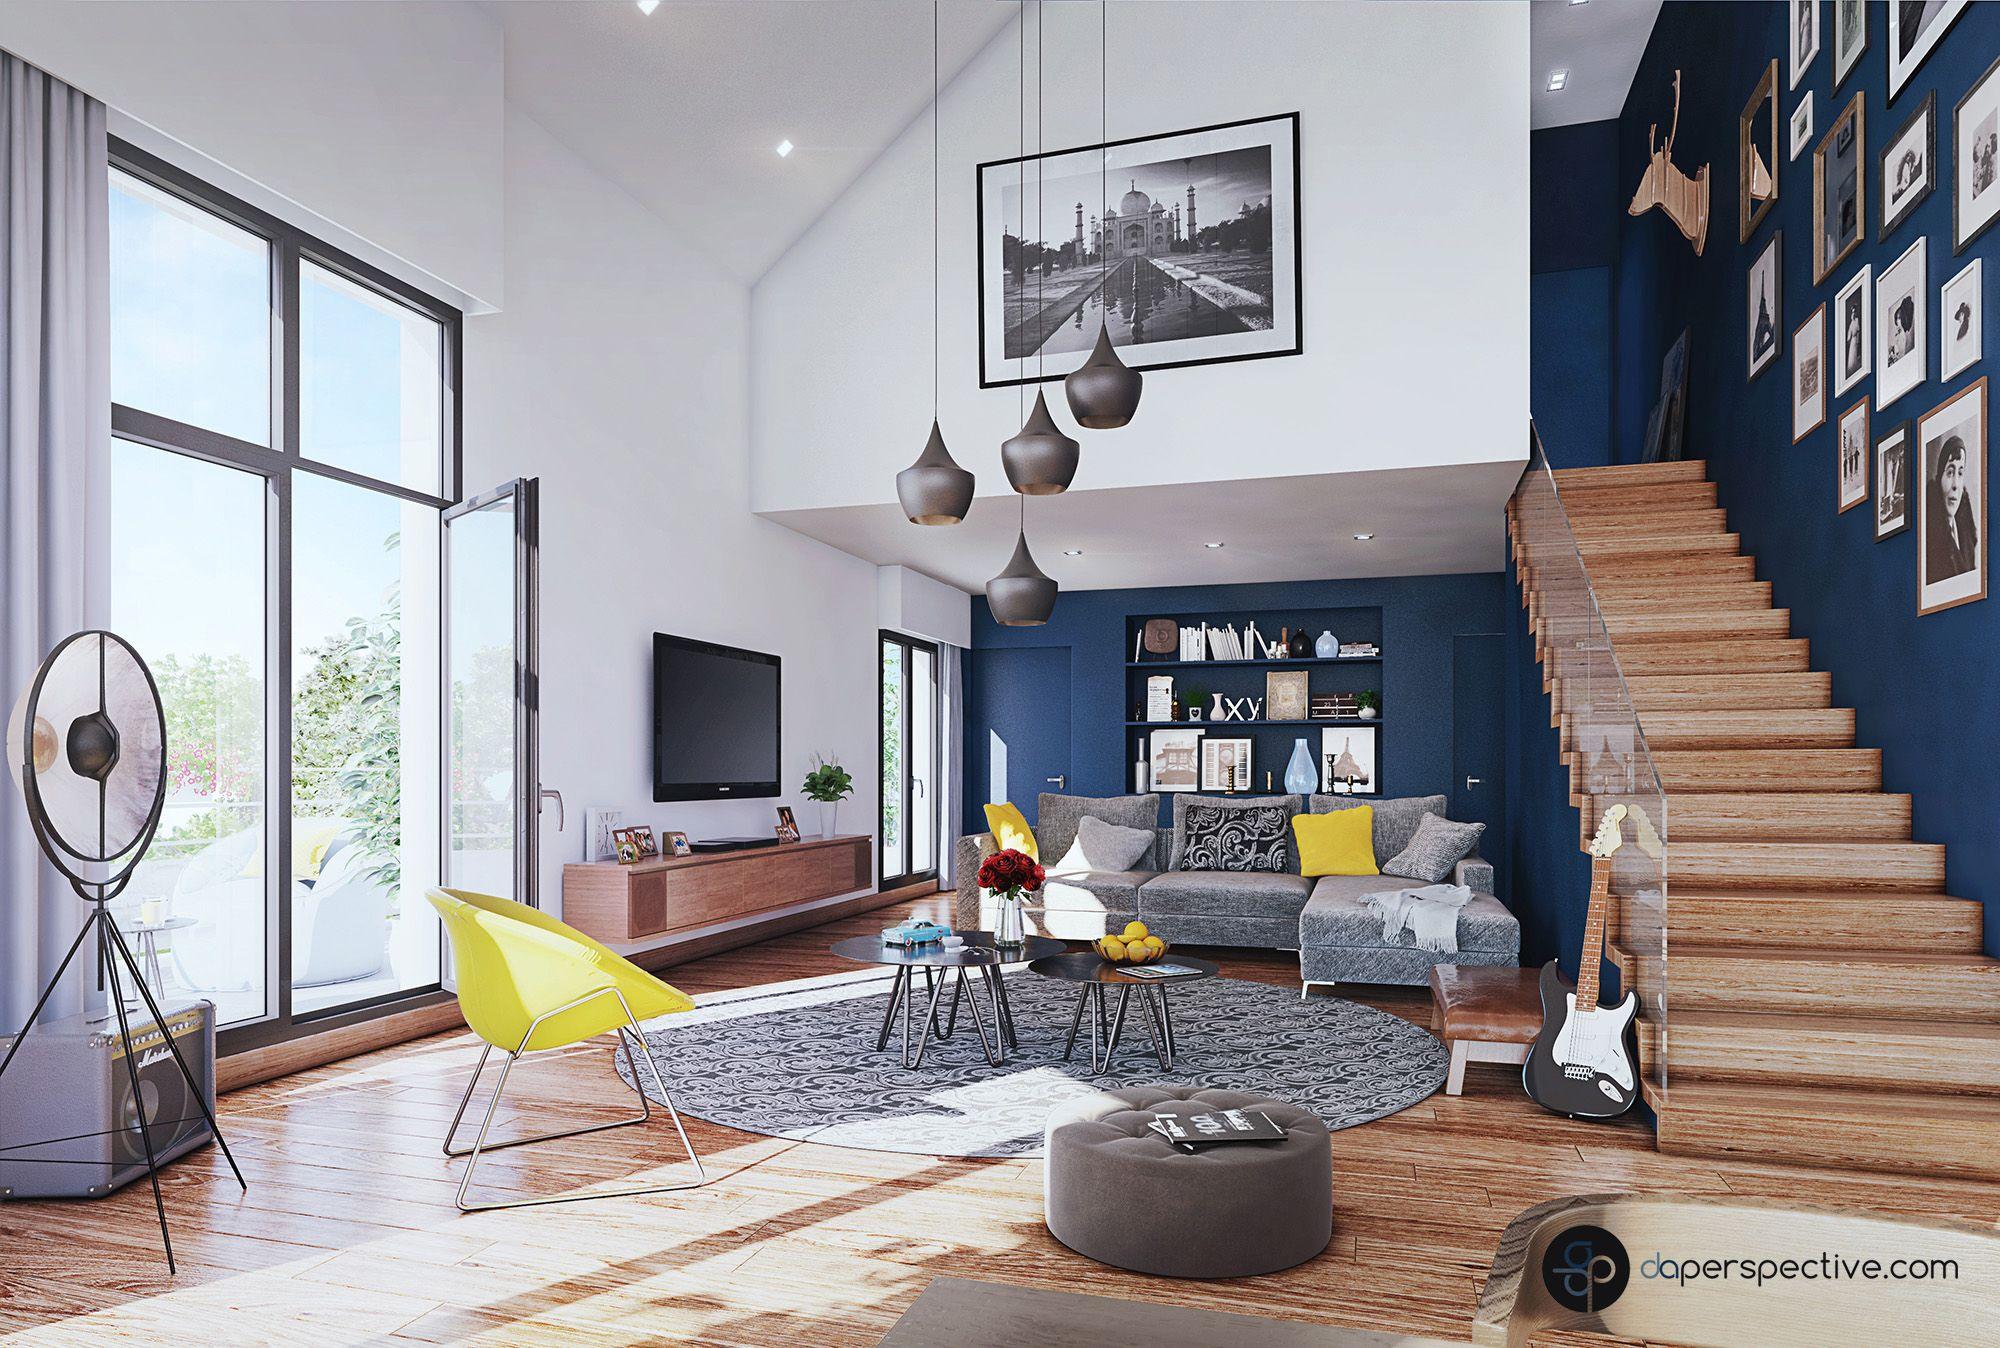 tendance artdevivre interior full3d exterior interieur pictures picoftheday exterieur perspective 3d architecture perspectiviste 3d freelance